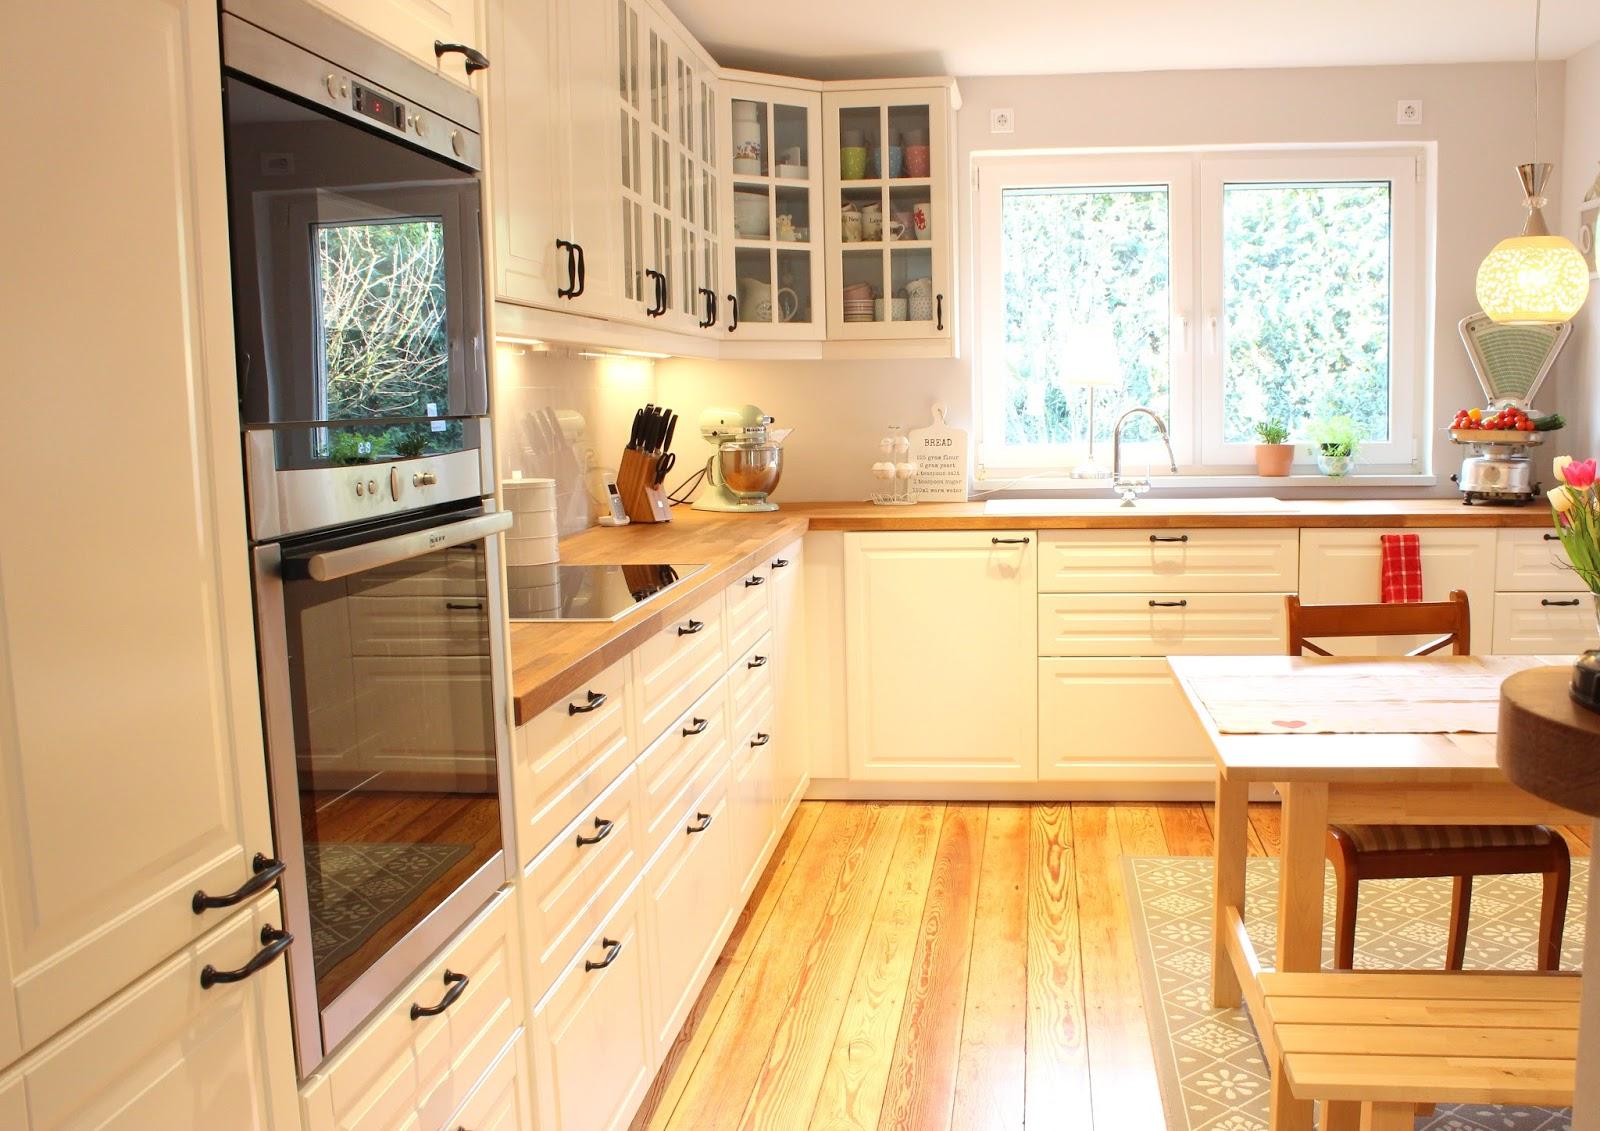 Wohnzimmer Küche Offen Klein Wohnzimmer Kleinen Kuche Kombination